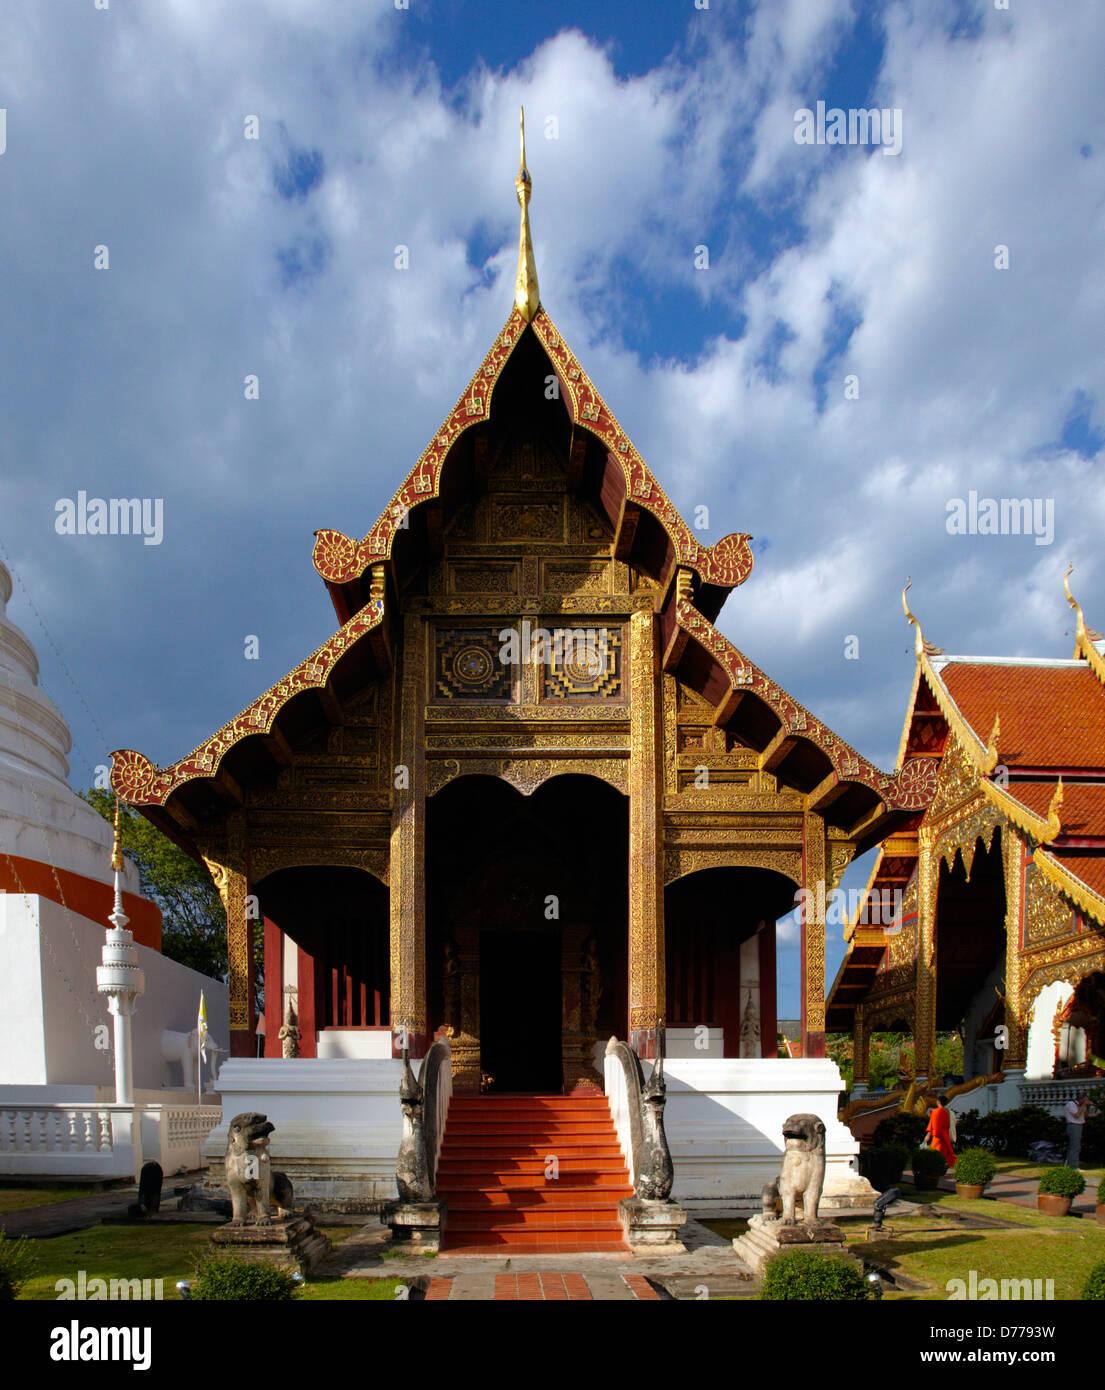 La ciudad de Chiang Mai en Tailandia Wat Phra Singh - Templo Budista Este templo contiene ejemplos supremo arte Lanna chedi fue primero Foto de stock